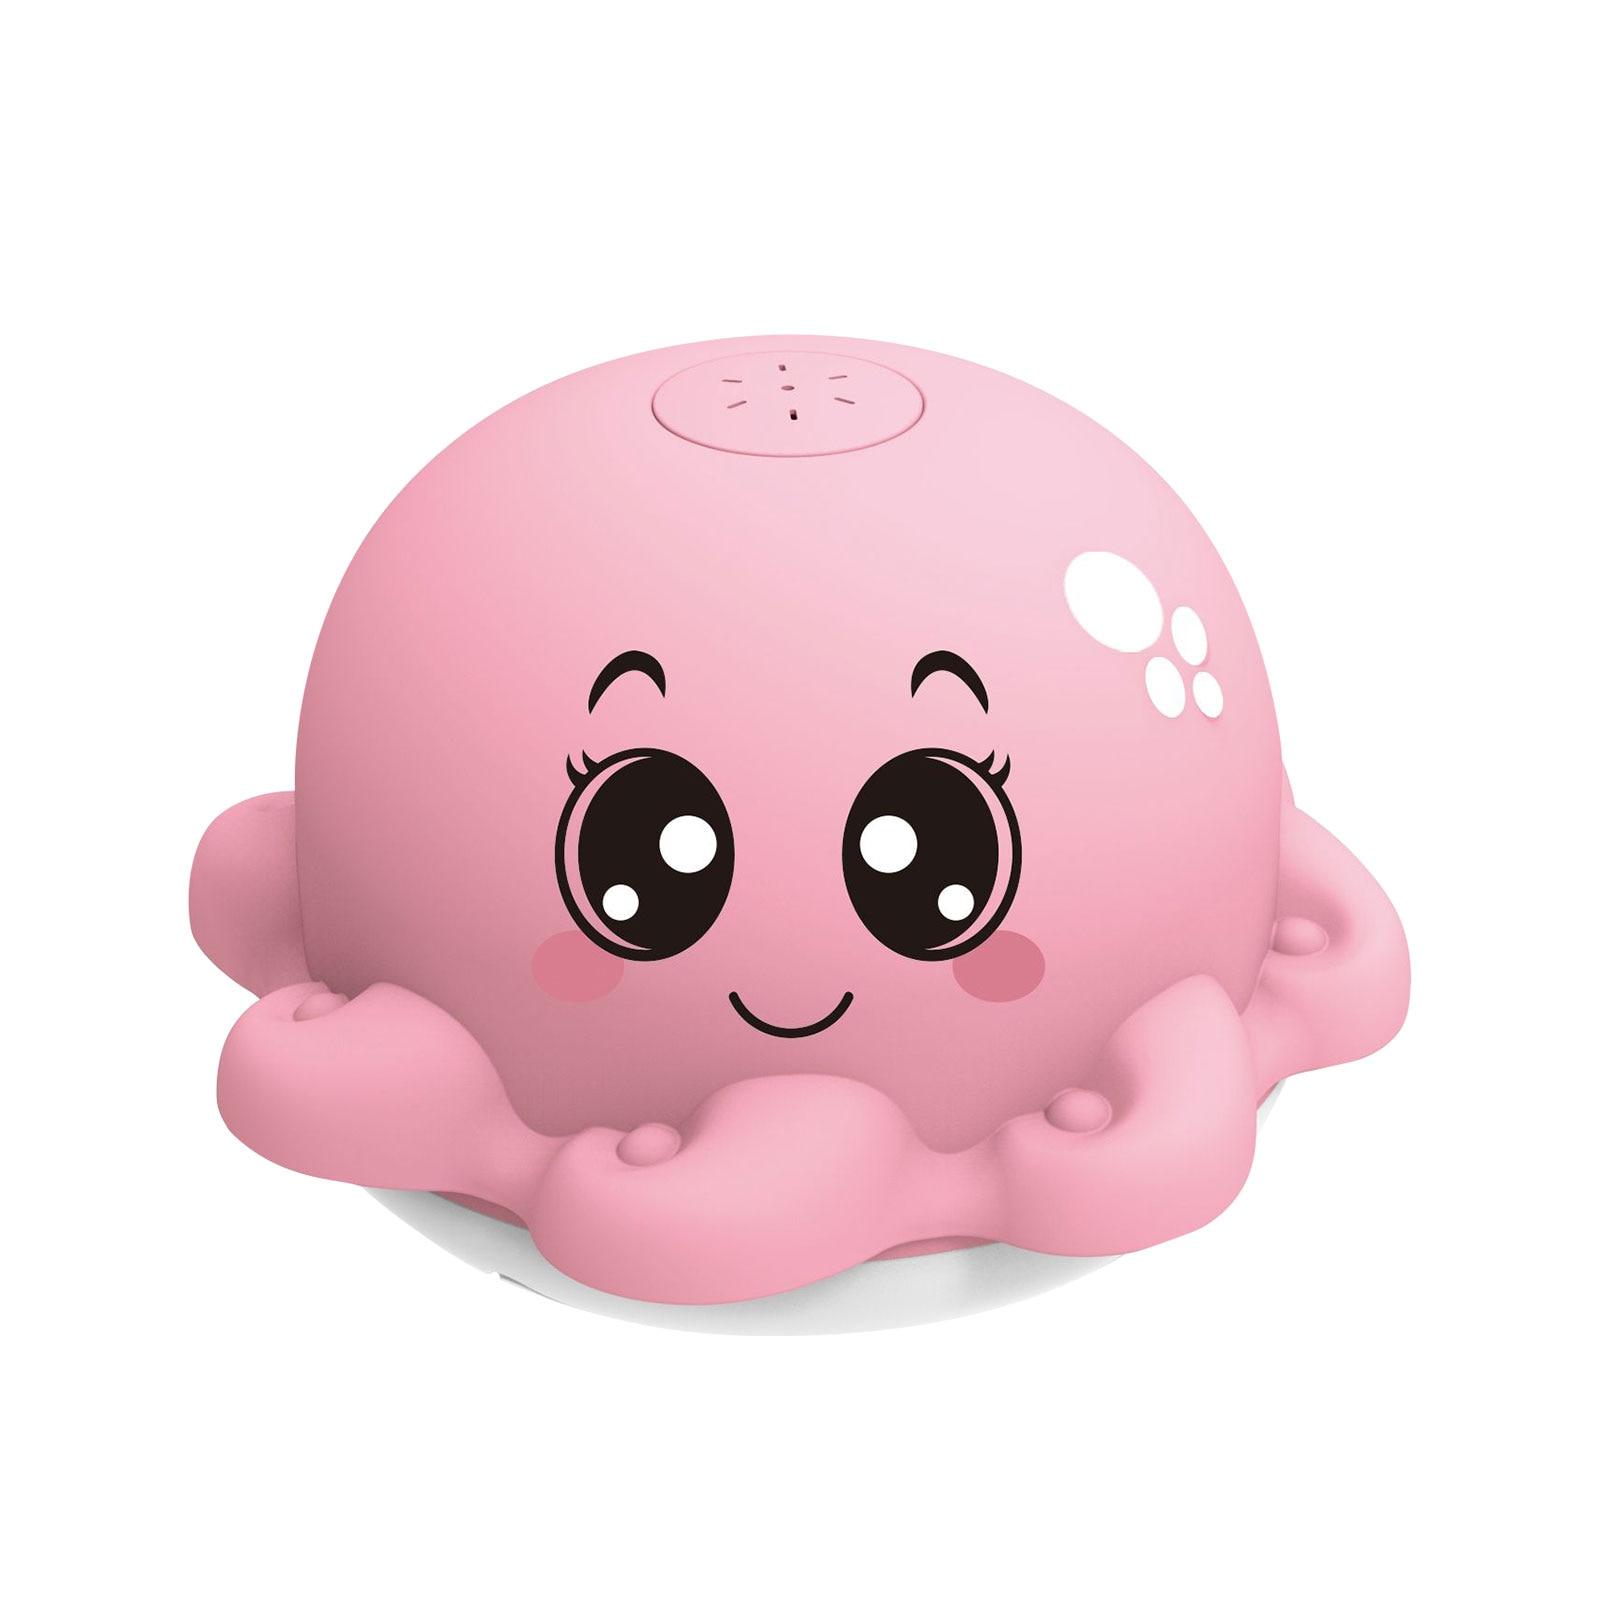 para crianças elétrica polvo caranguejo bola de